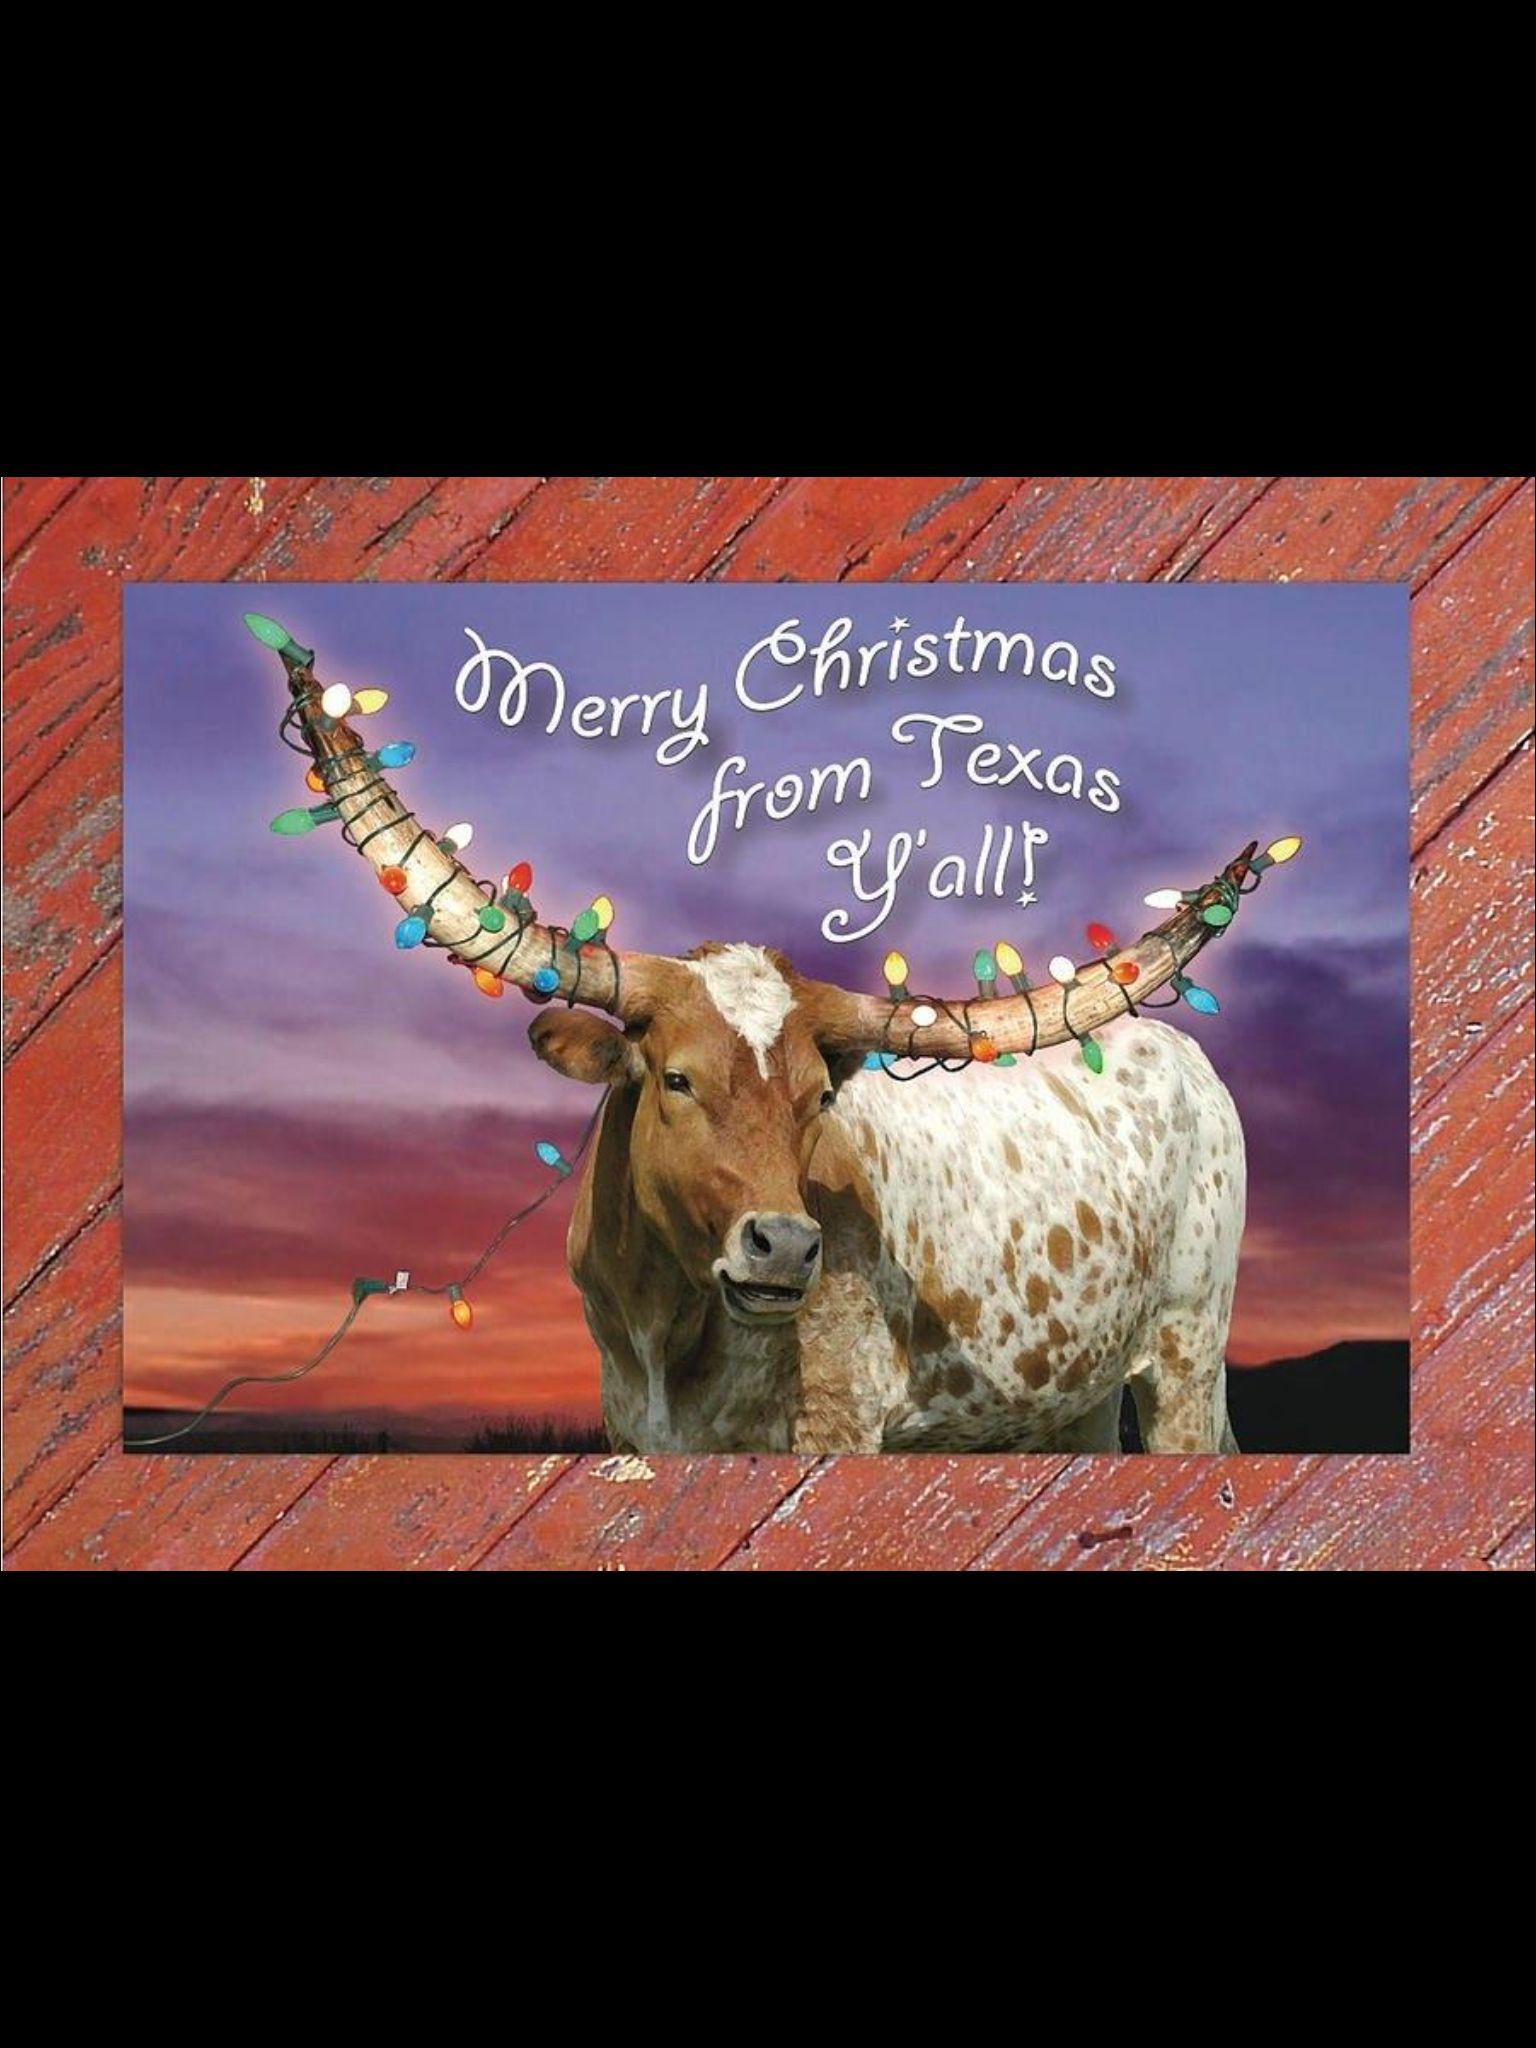 Texas Christmas Card | Fun stuff | Christmas, Christmas Cards, Texas